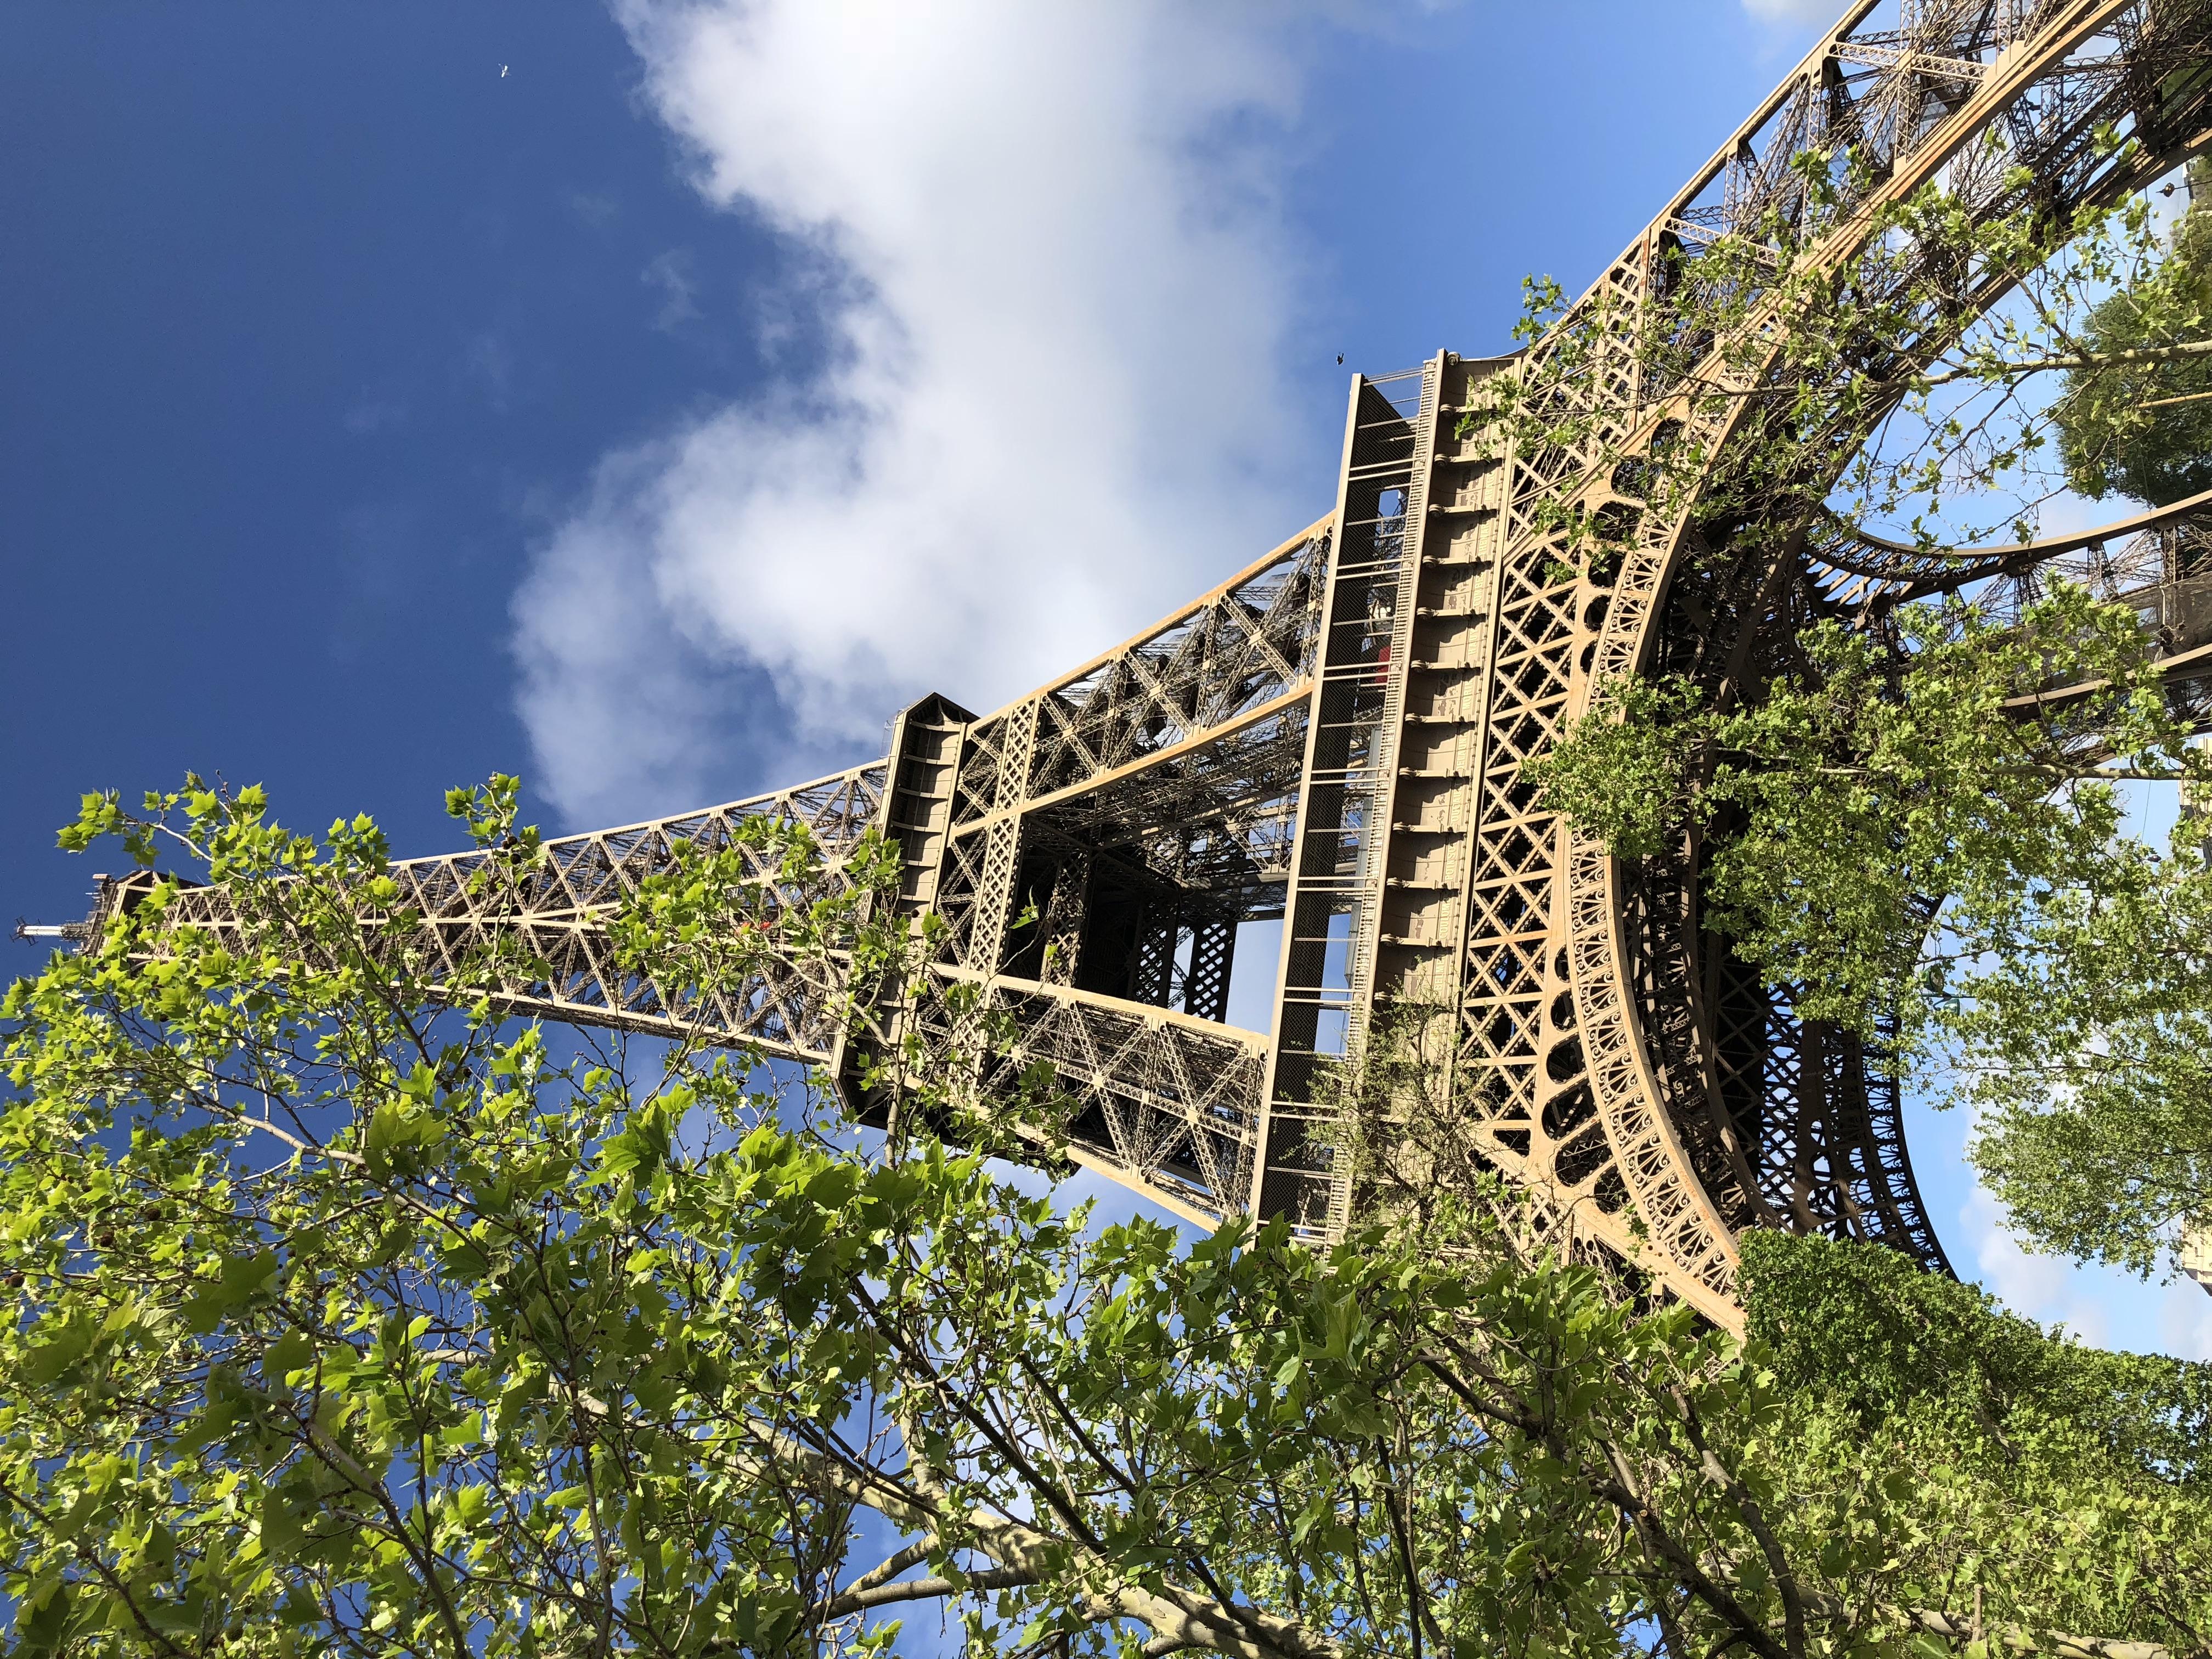 Eifel Tower pic